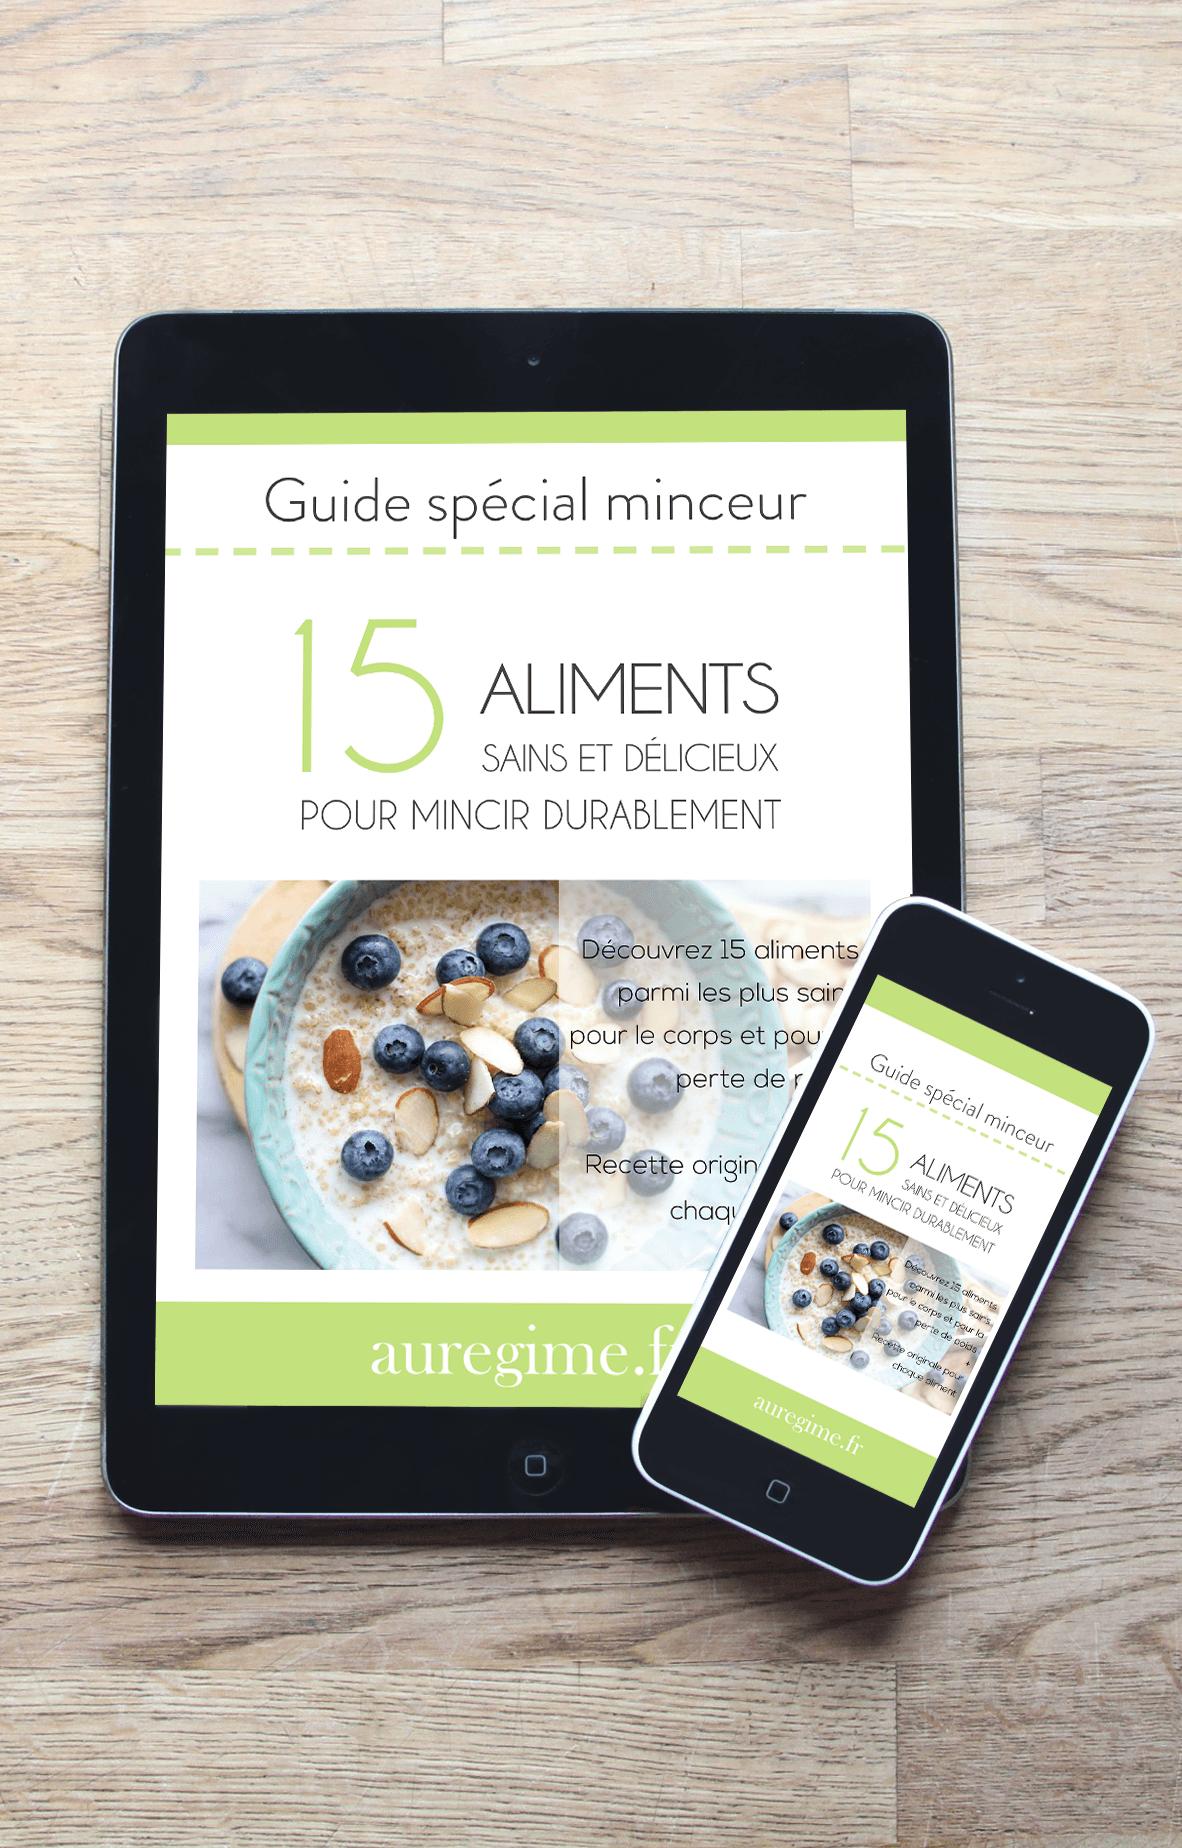 15 aliments sains et délicieux pour mincir durablement ebook